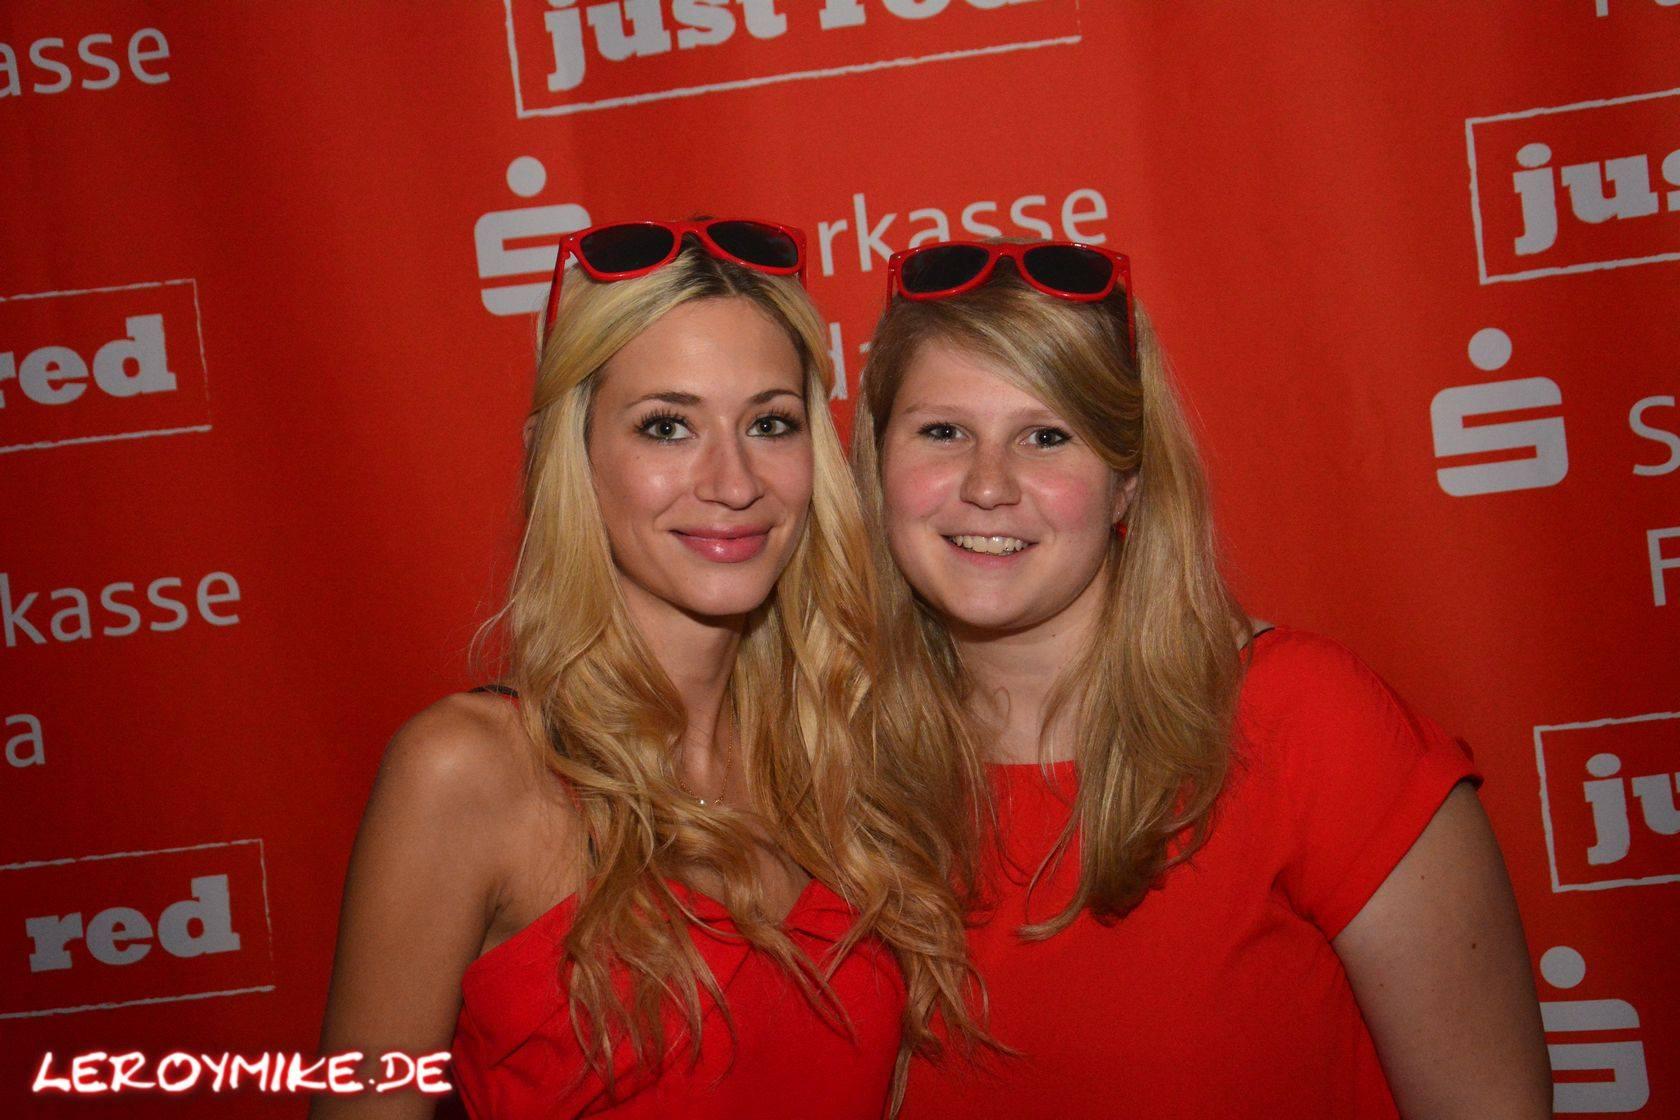 """Sparkasse Fulda präsentiert """"just red"""" planet radio S-Club Fulda"""